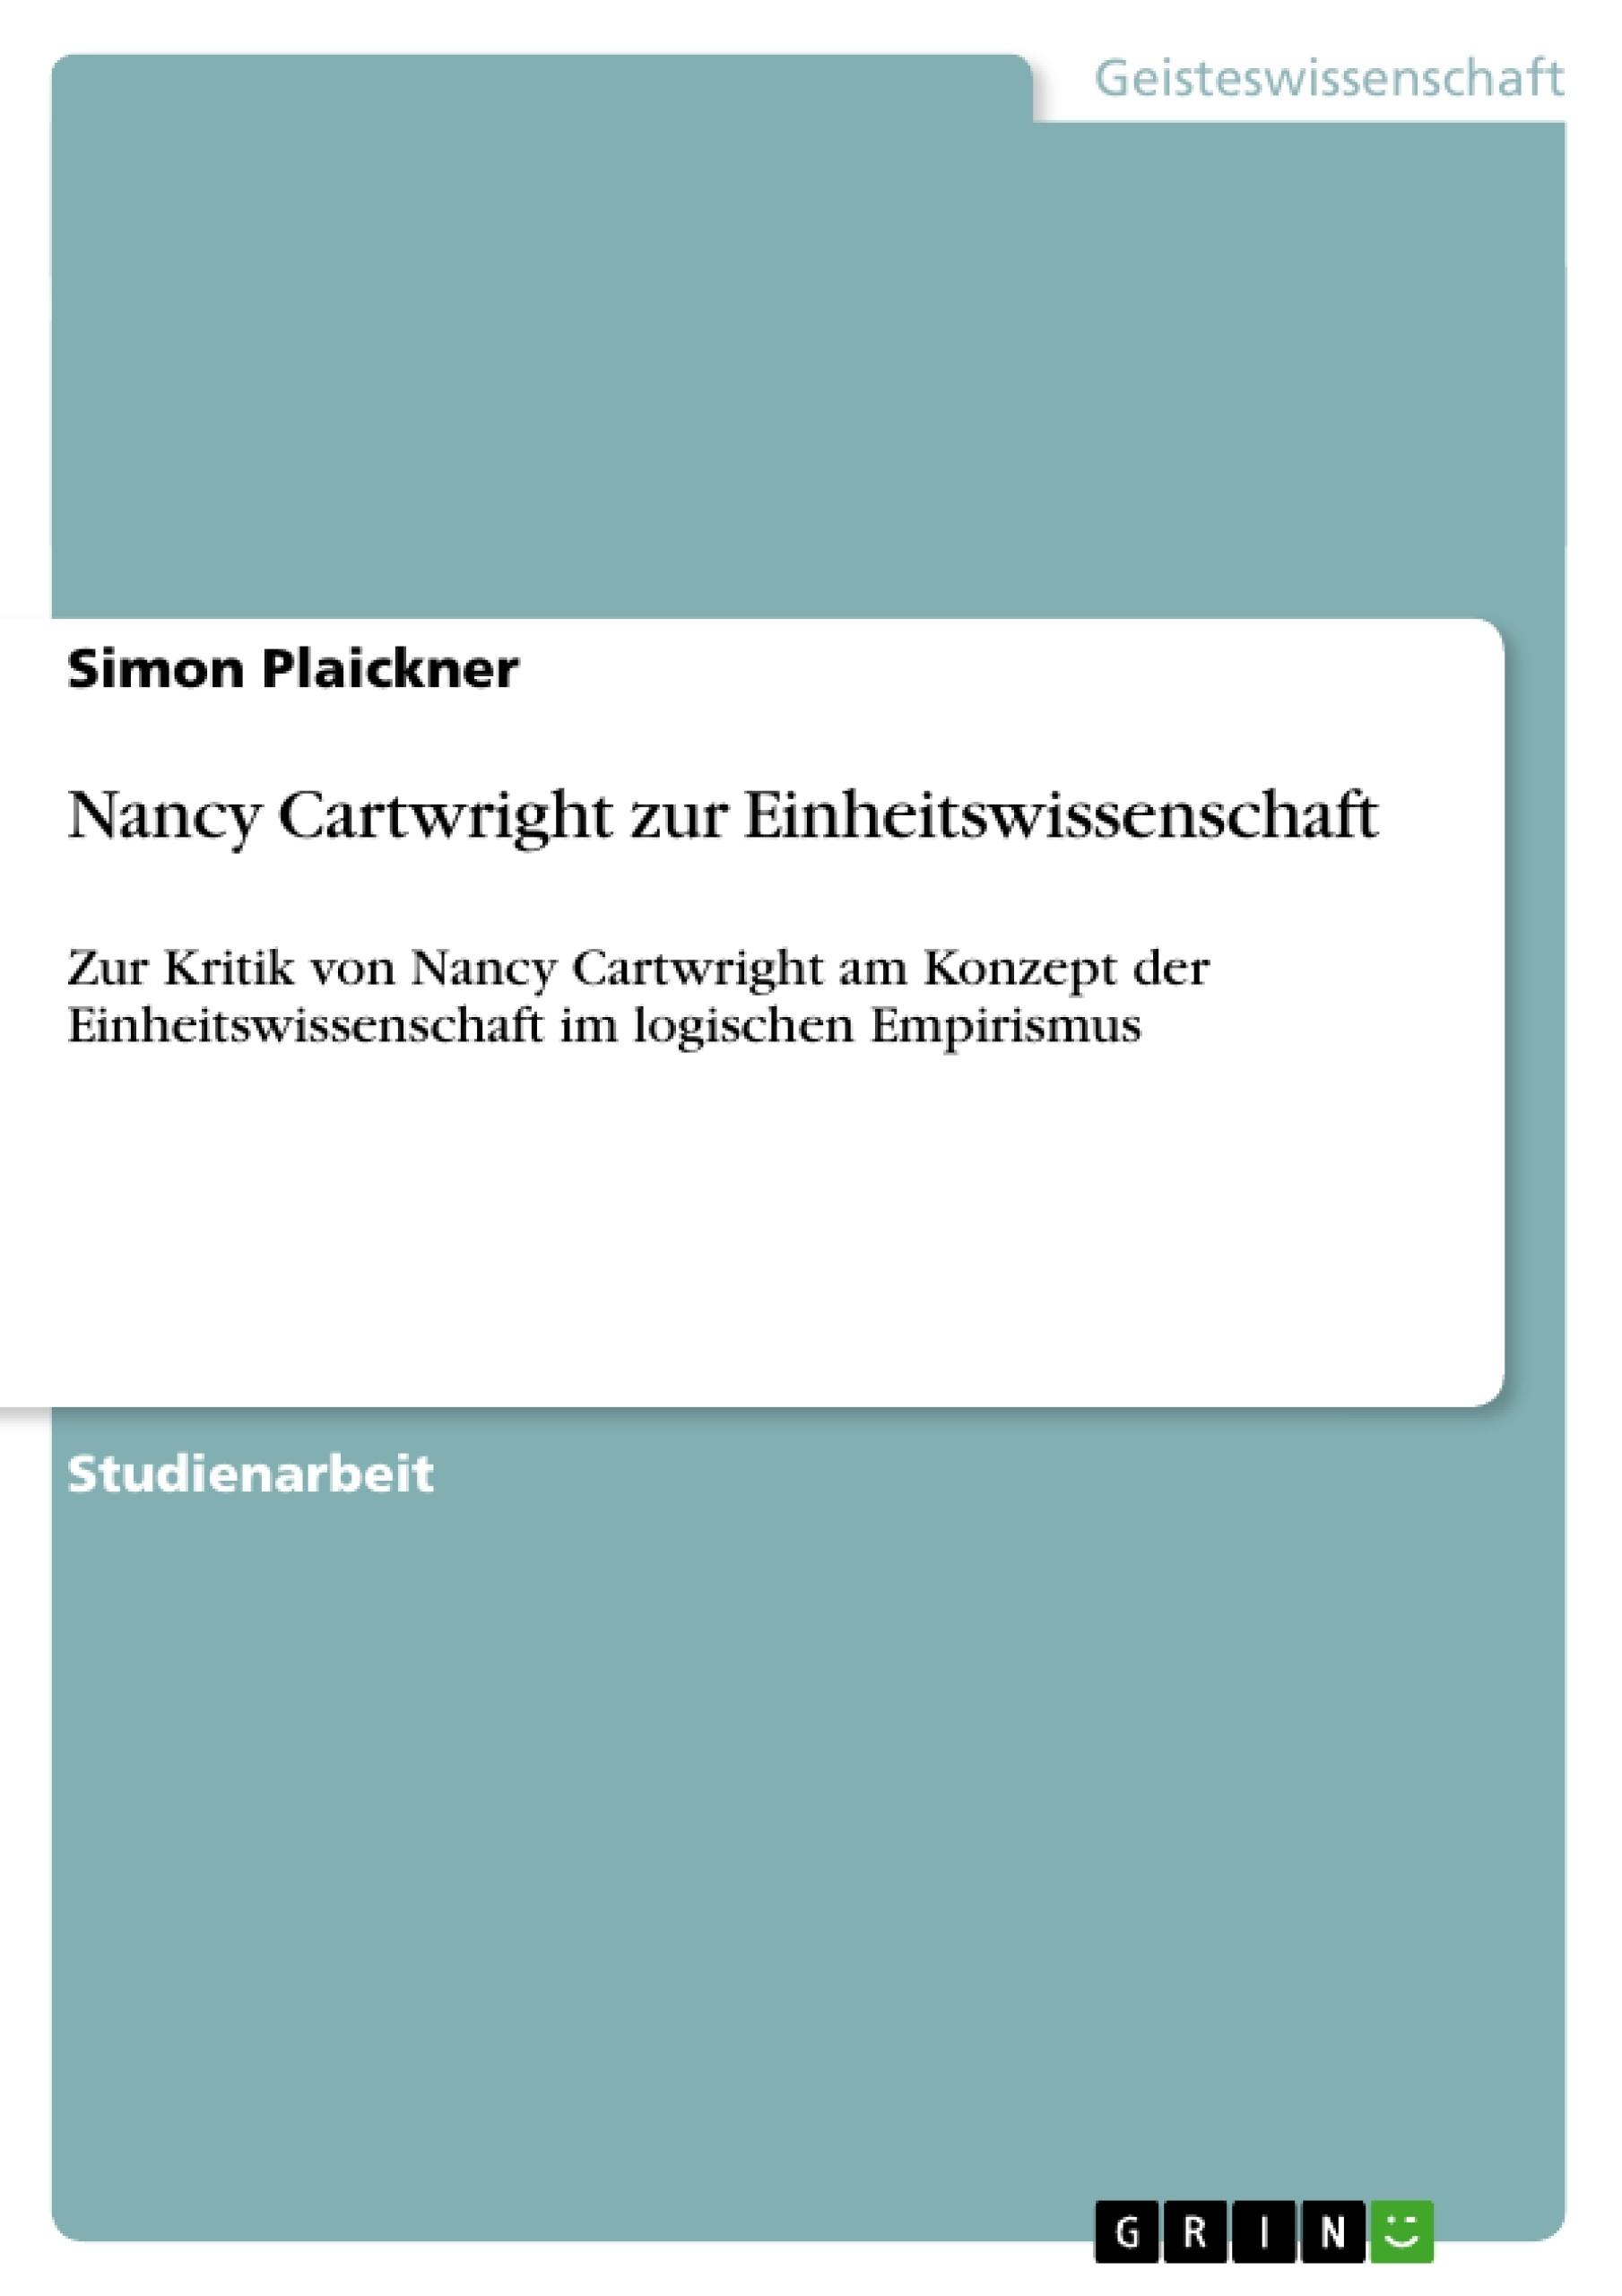 Titel: Nancy Cartwright zur Einheitswissenschaft